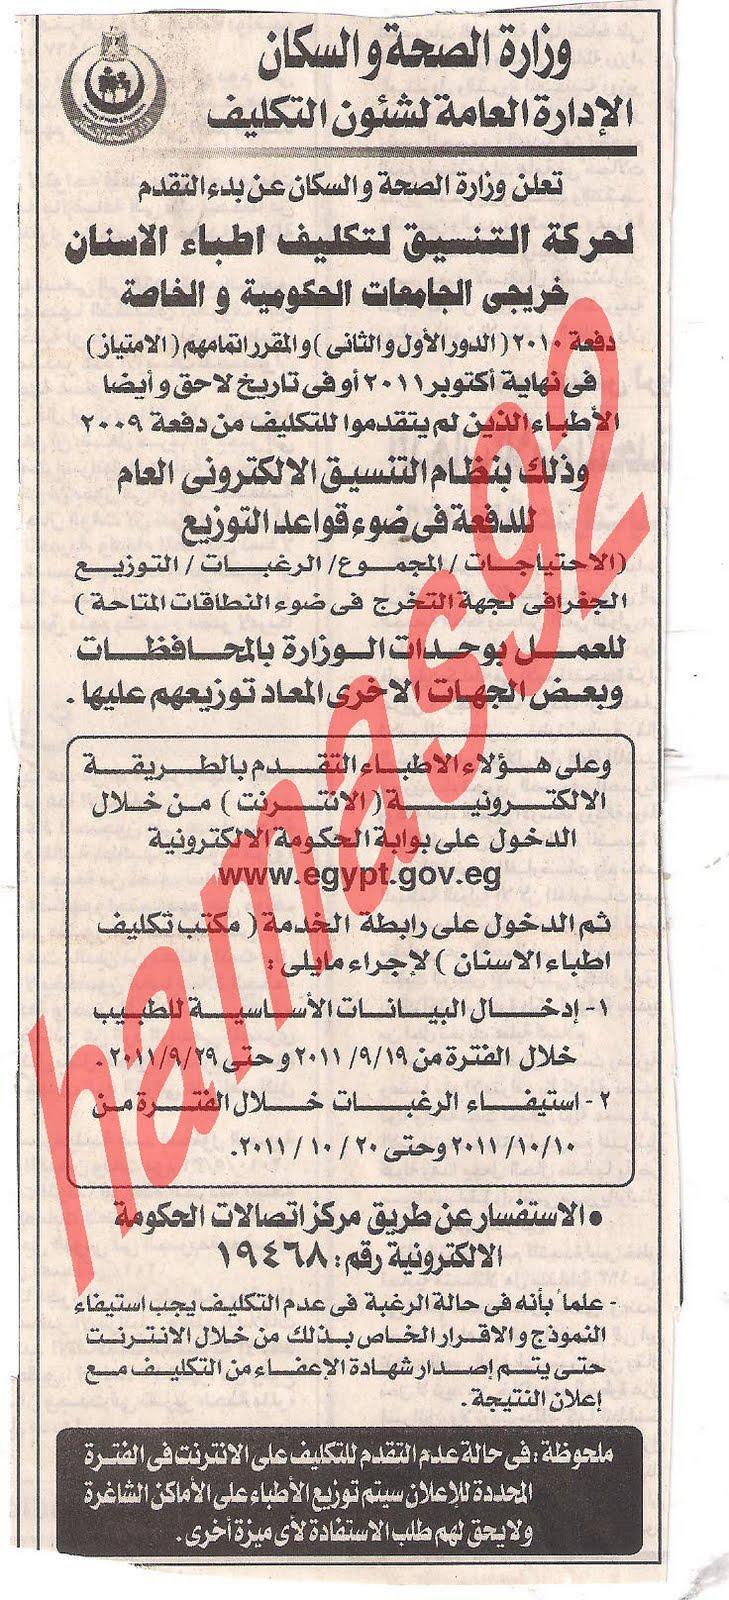 وظائف وزارة الصحة المصرية